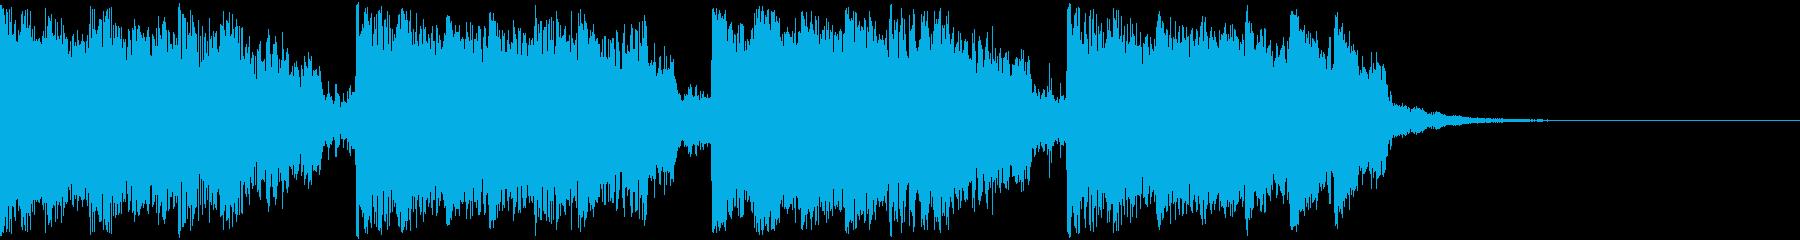 【子供ゲーム・アニメ】切ないSFサウンドの再生済みの波形